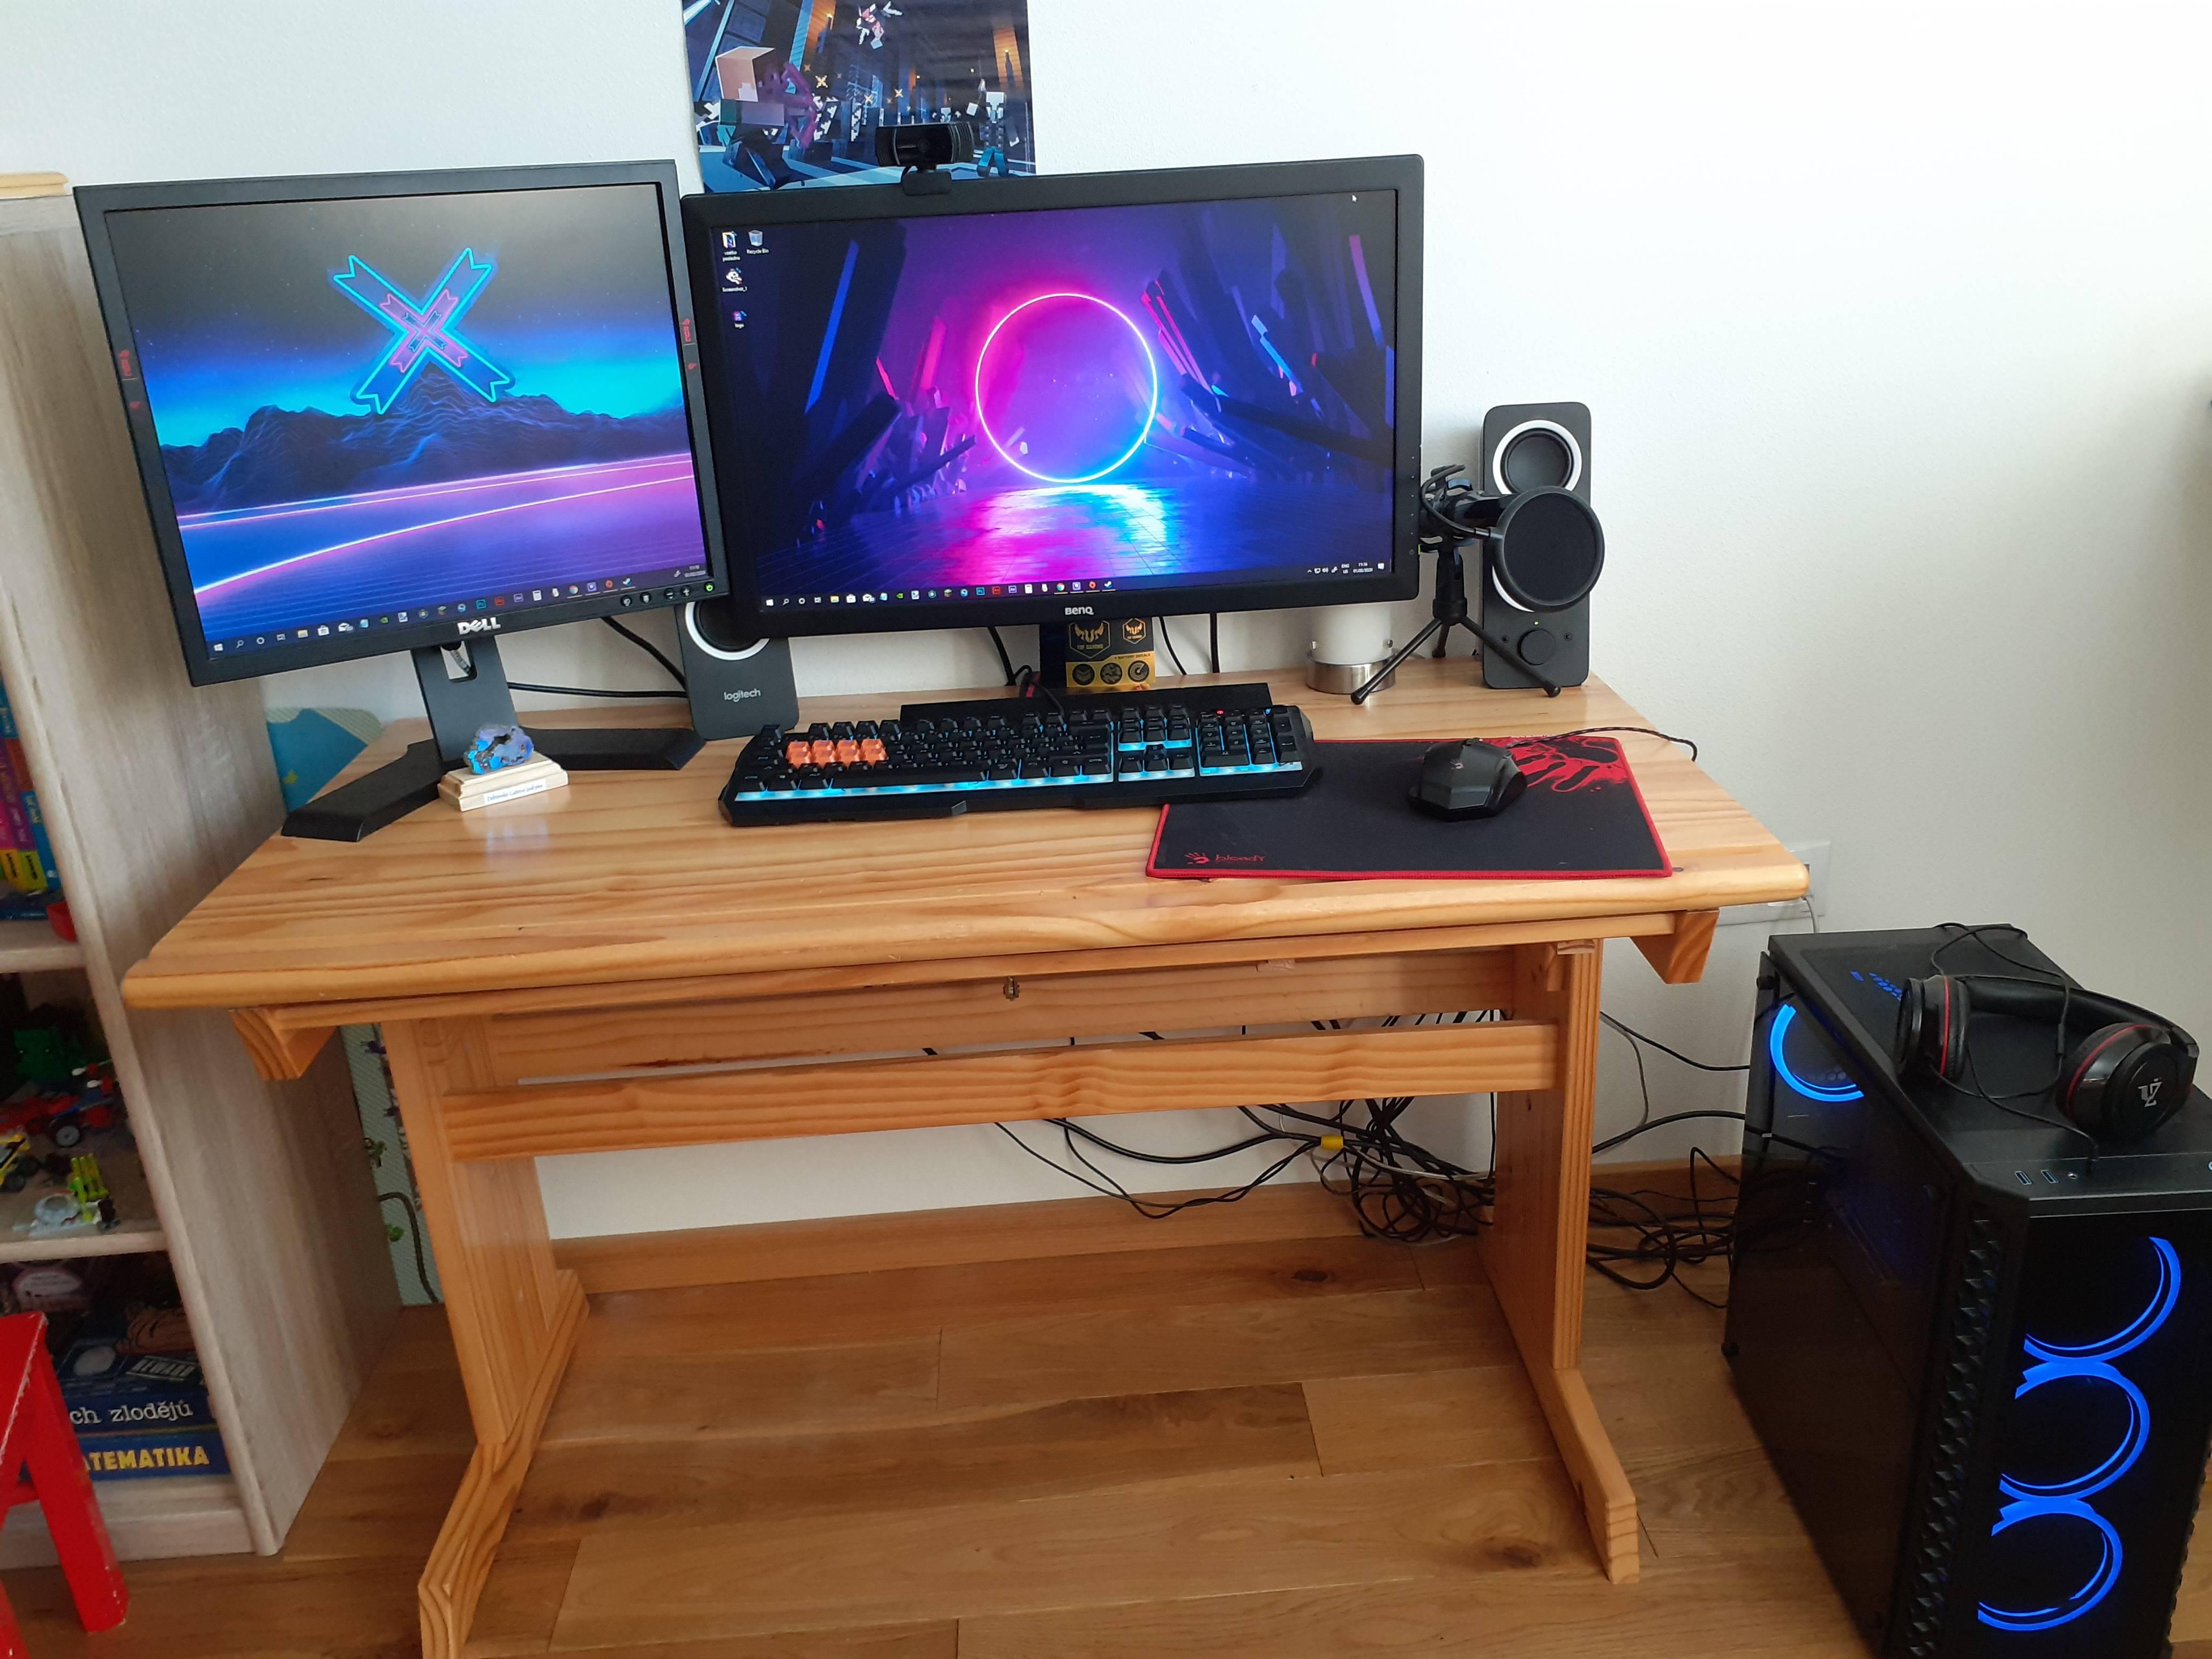 viktor's Setup - epic fast setup | Scooget